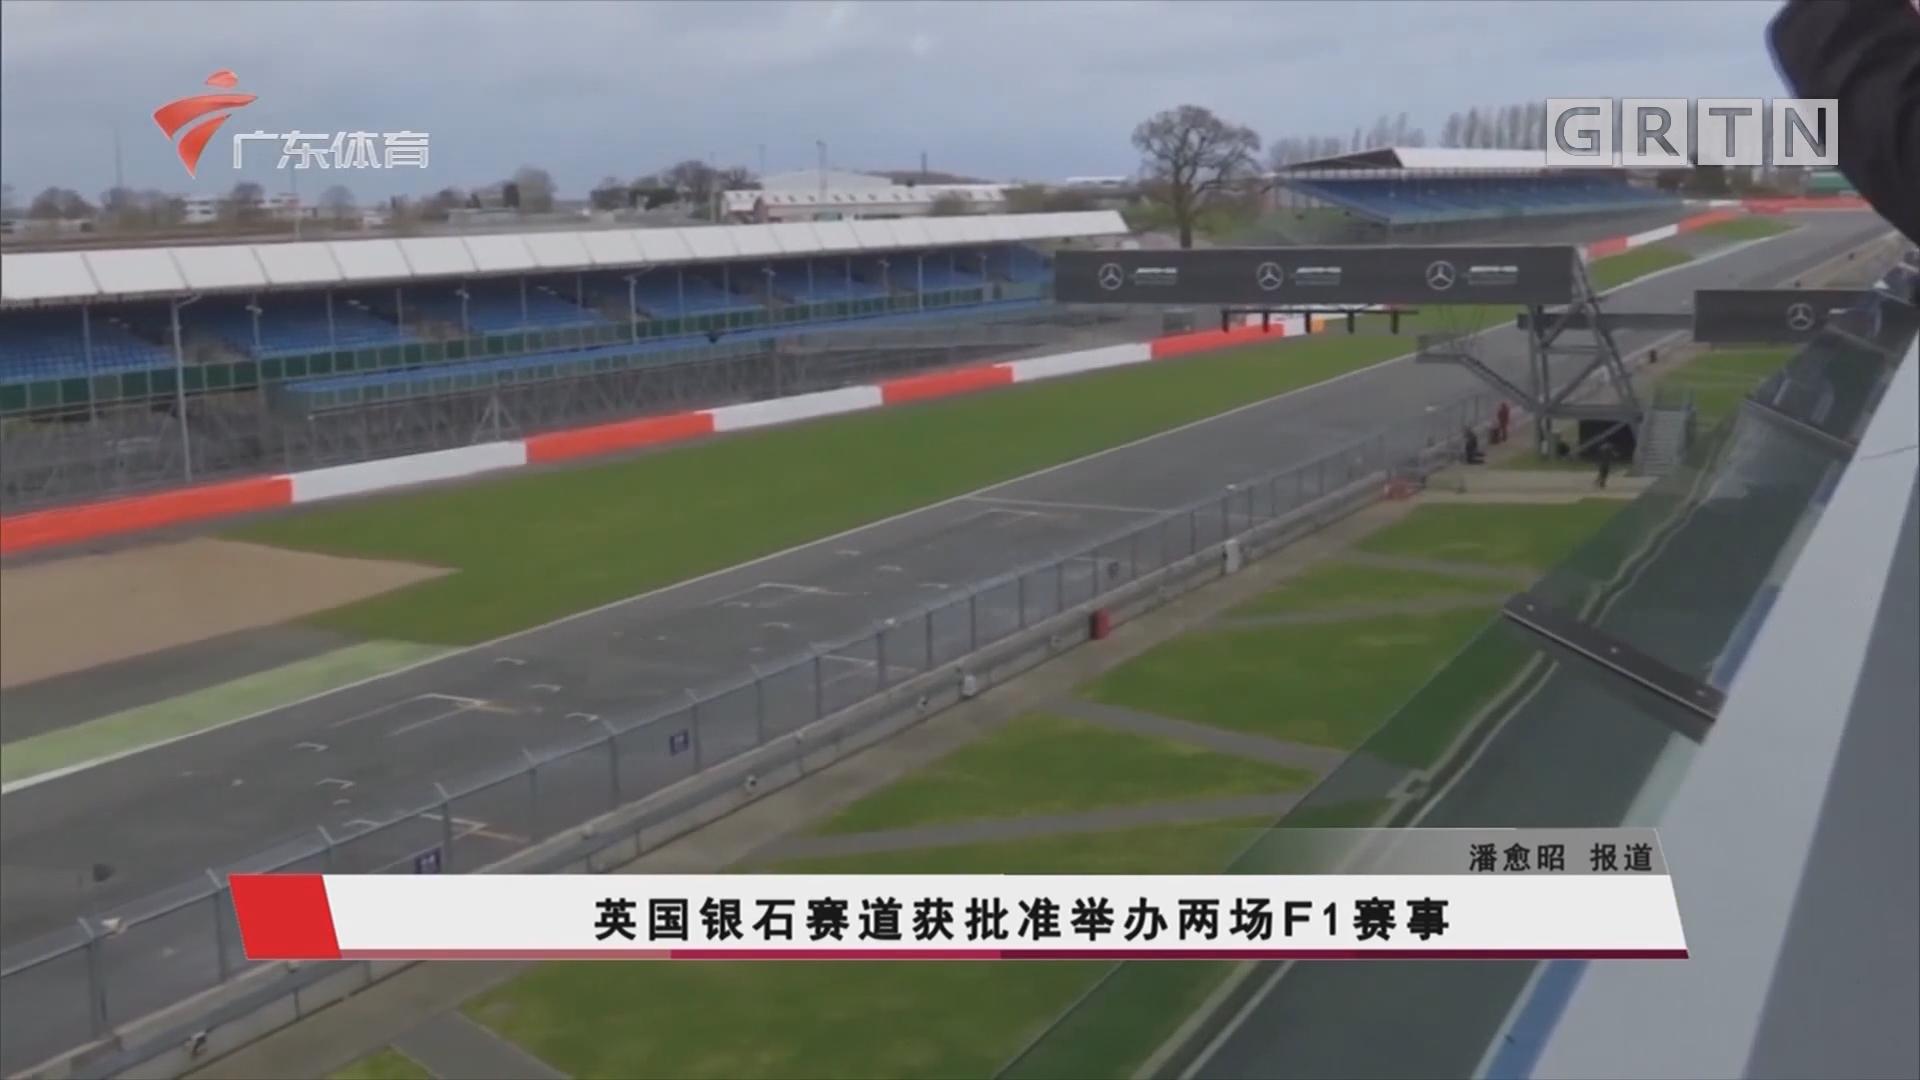 英国银石赛道获批准举办两场F1赛事